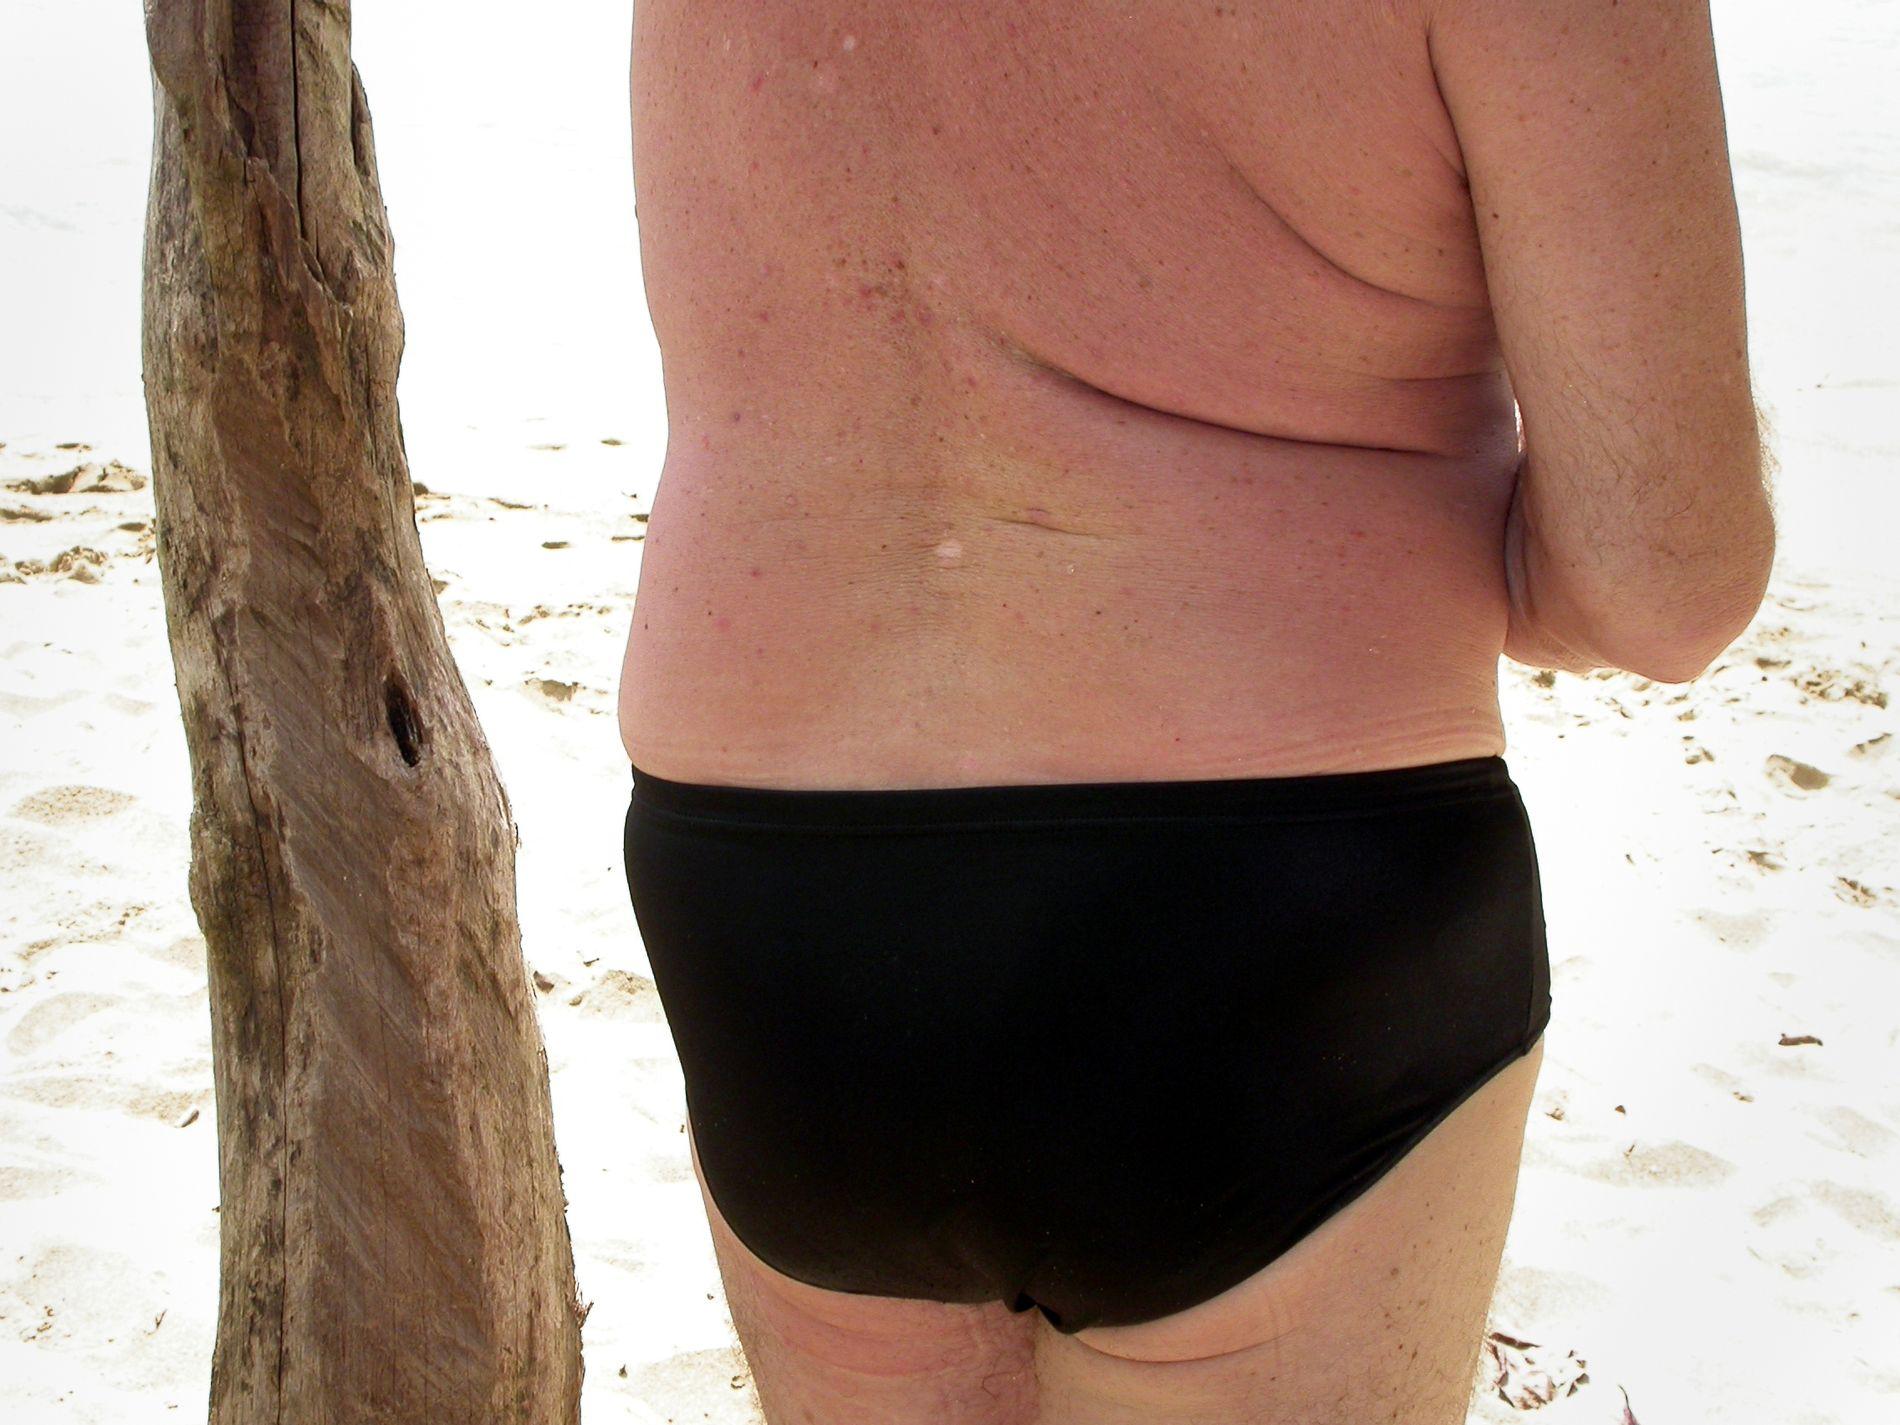 RISIKERER FØFLEKKREFT: Jo mer du veier, jo større risiko har du for føflekkreft, viser en ny studie.